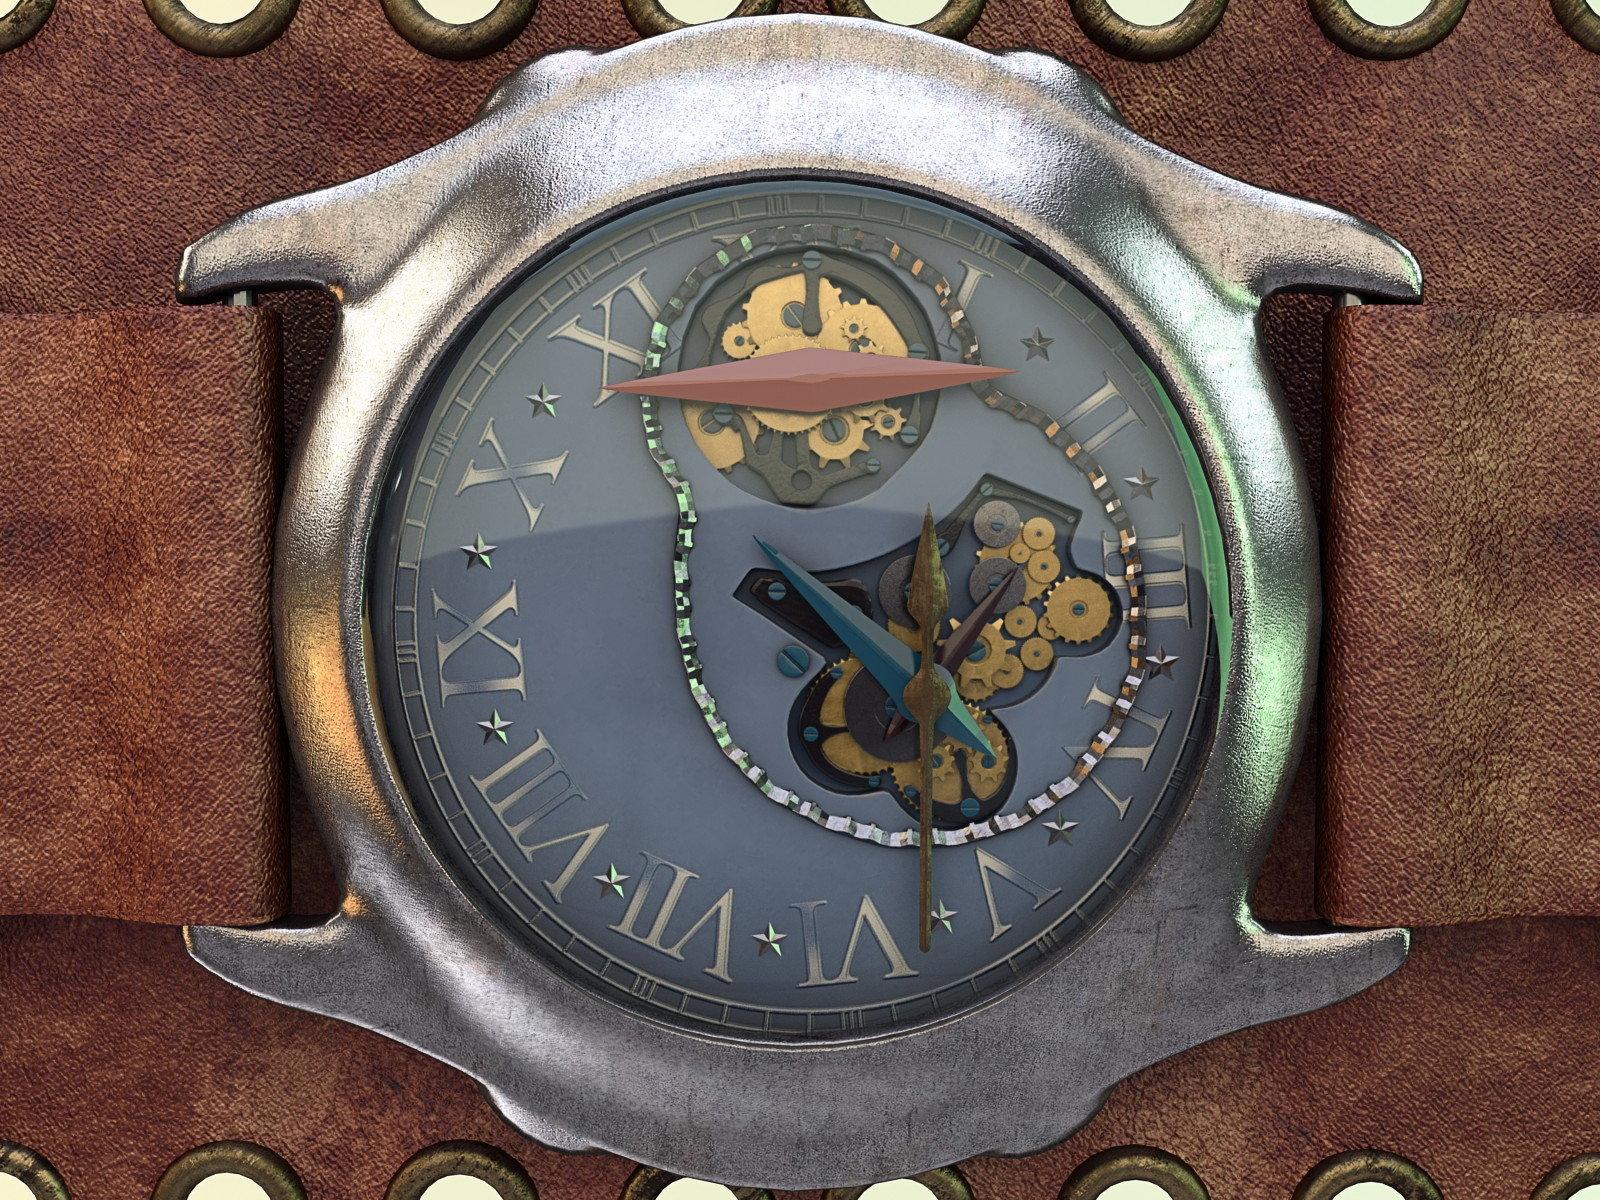 2014 - Clock design